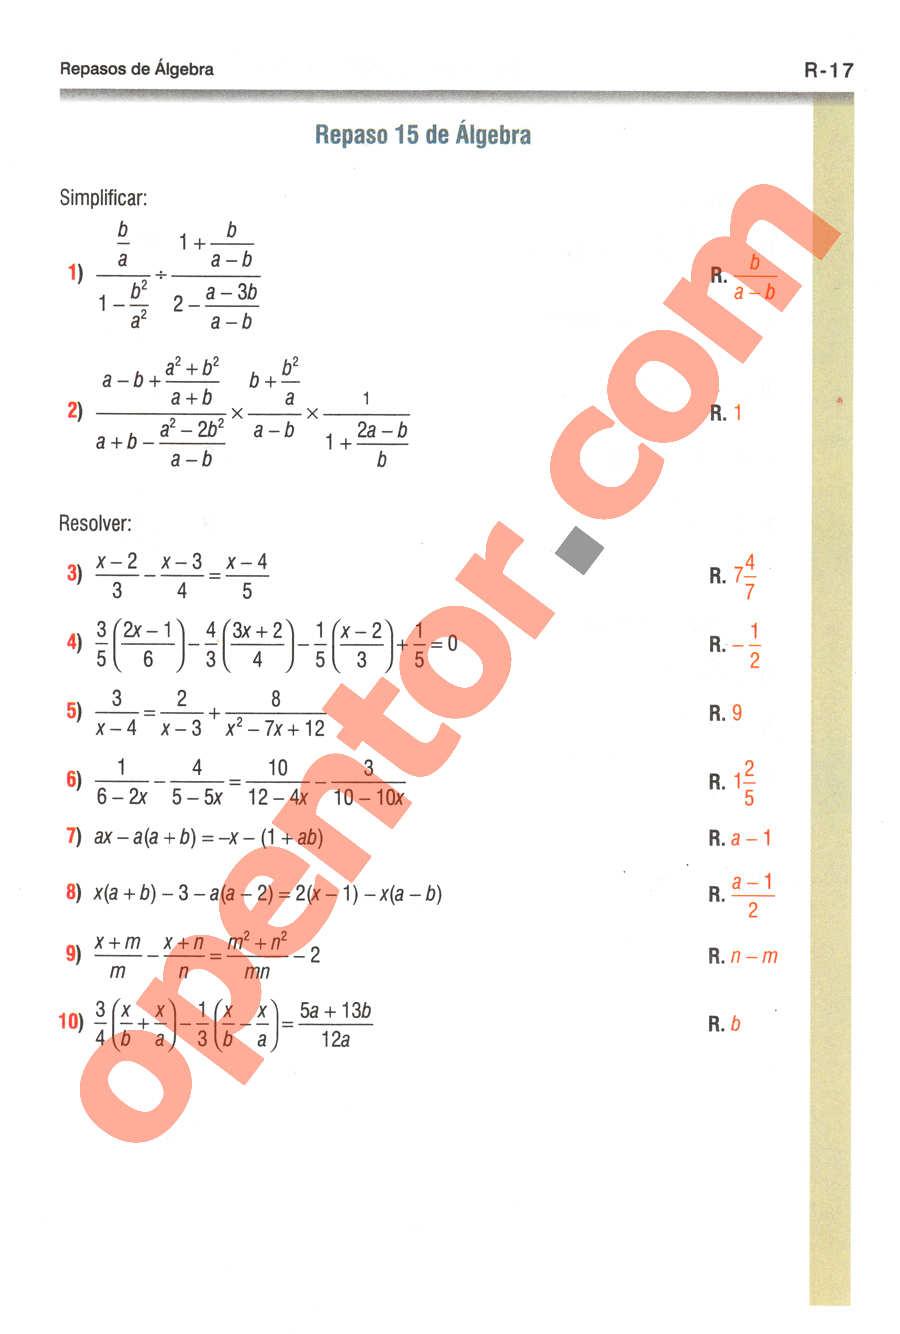 Geometría y Trigonometría de Baldor - Página R17